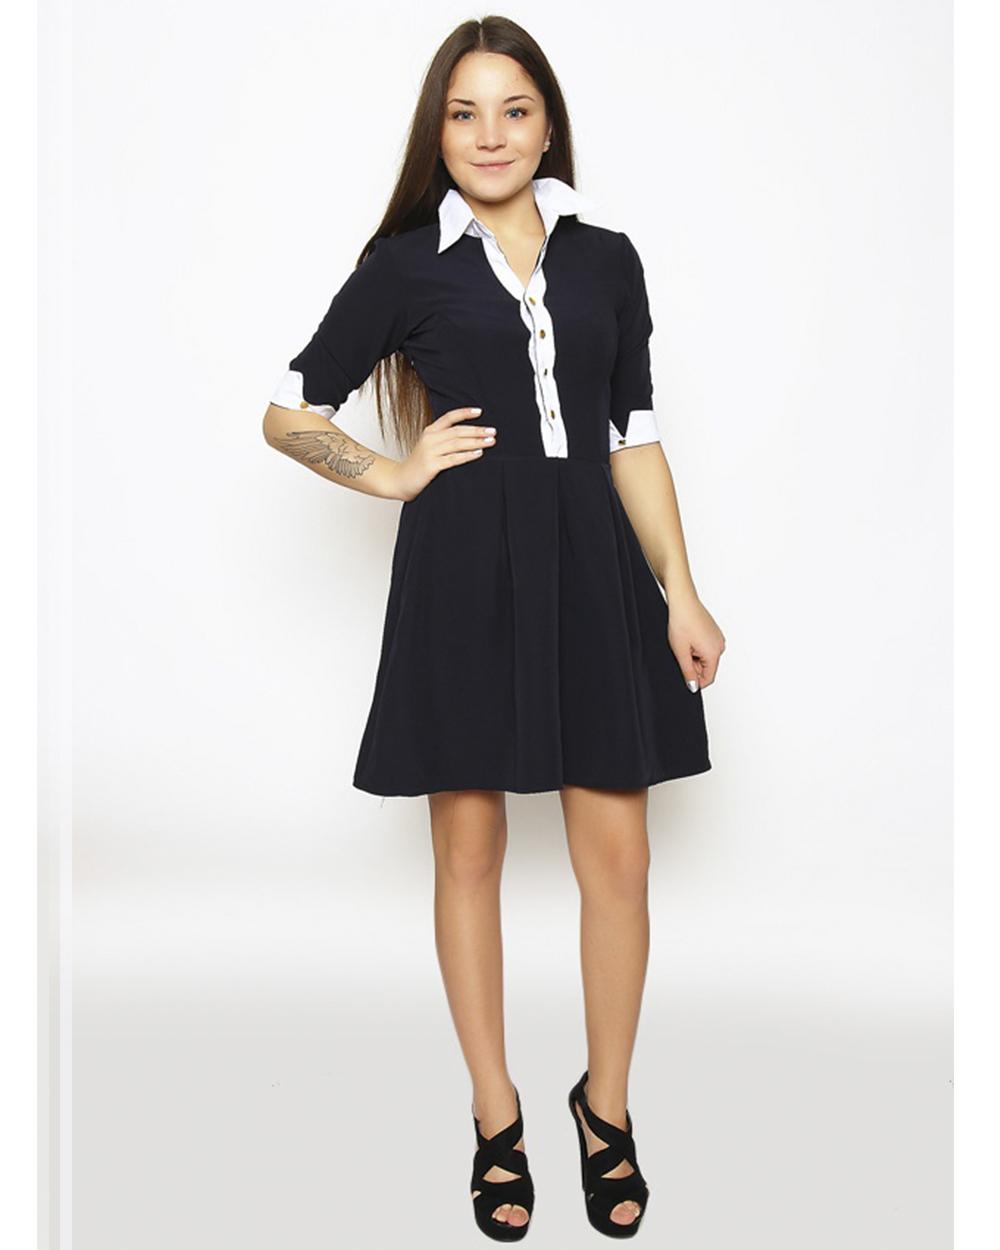 Купить Черное Платье С Белым Воротником И Манжетами В Москве